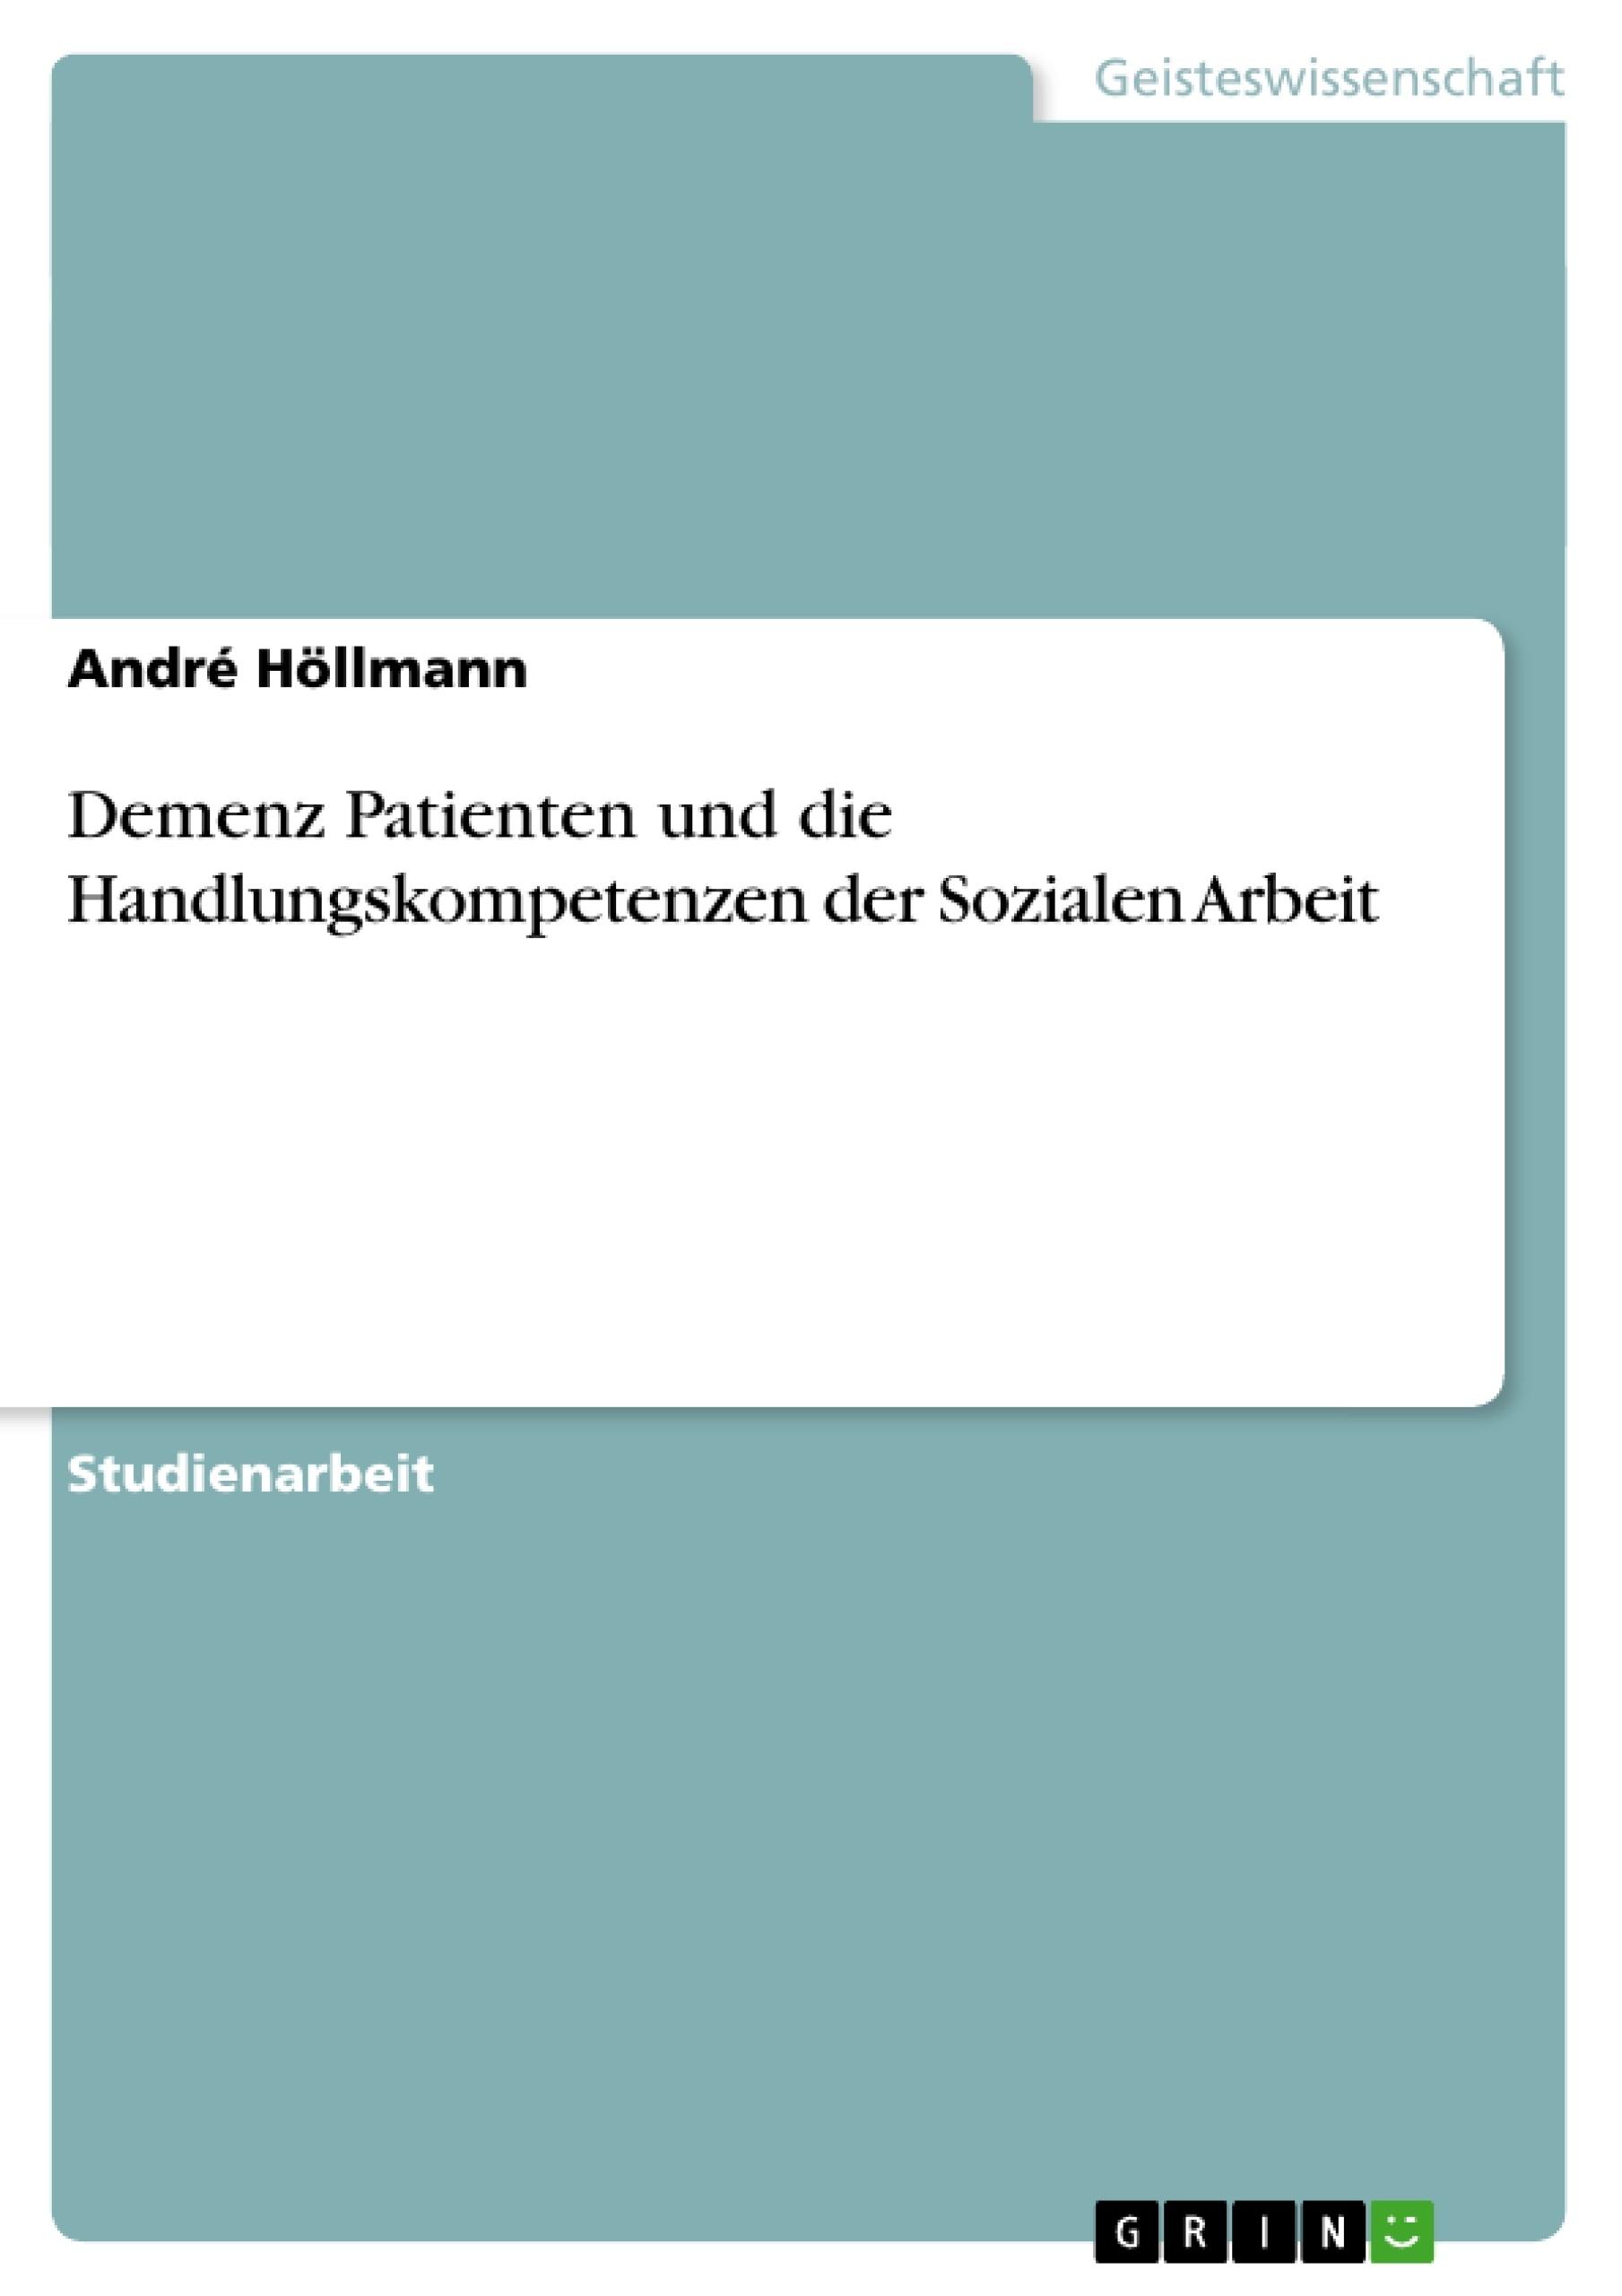 Titel: Demenz Patienten und die Handlungskompetenzen der Sozialen Arbeit